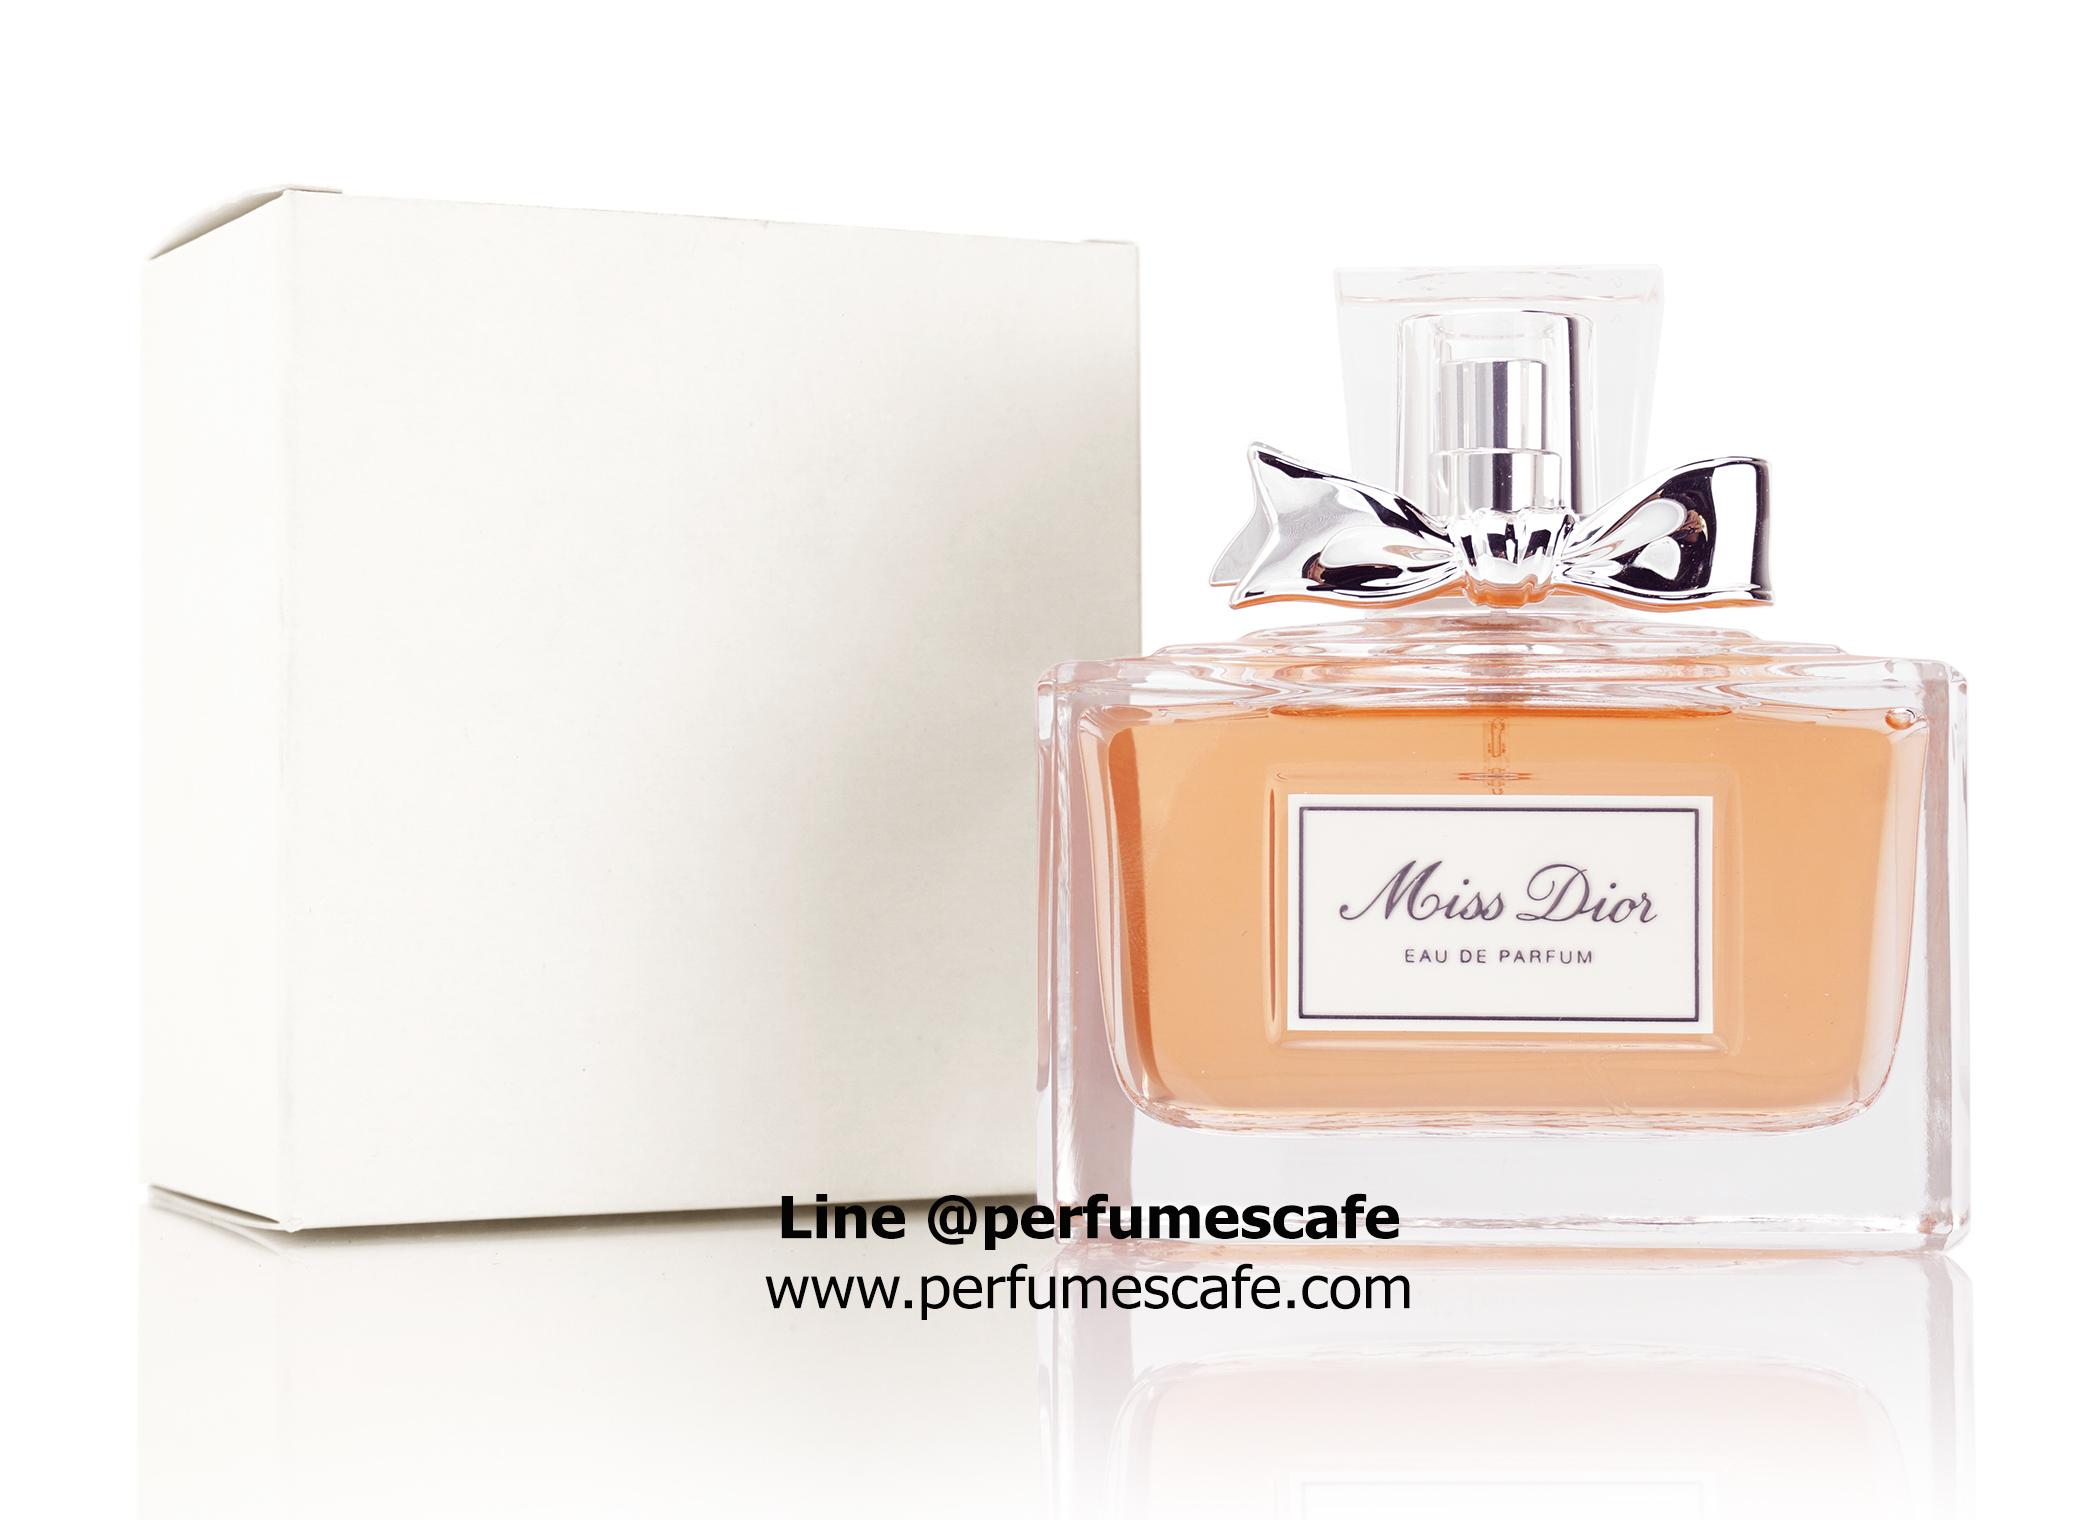 น้ำหอม Miss Dior Eau de Parfum ขนาด 100ml กล่องเทสเตอร์